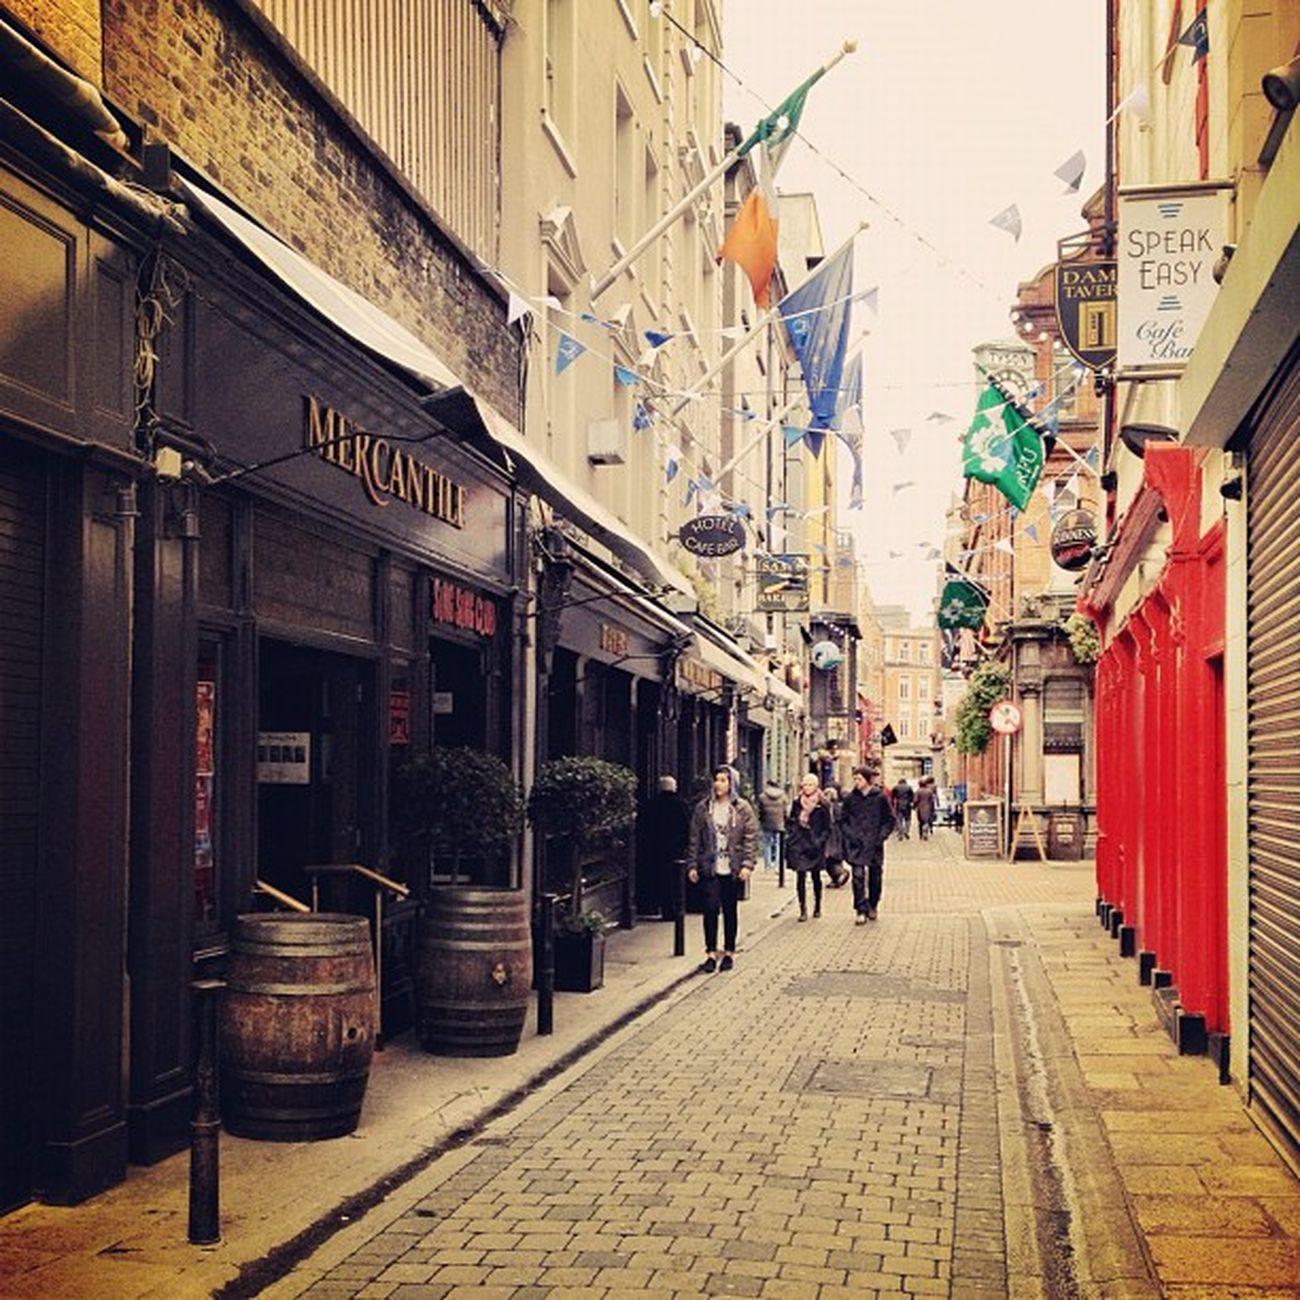 Dubland ? #ireland #insta_ireland #insta_ireland_autumn #jj #pub Pub Ireland Jj  Insta_ireland Insta_ireland_autumn